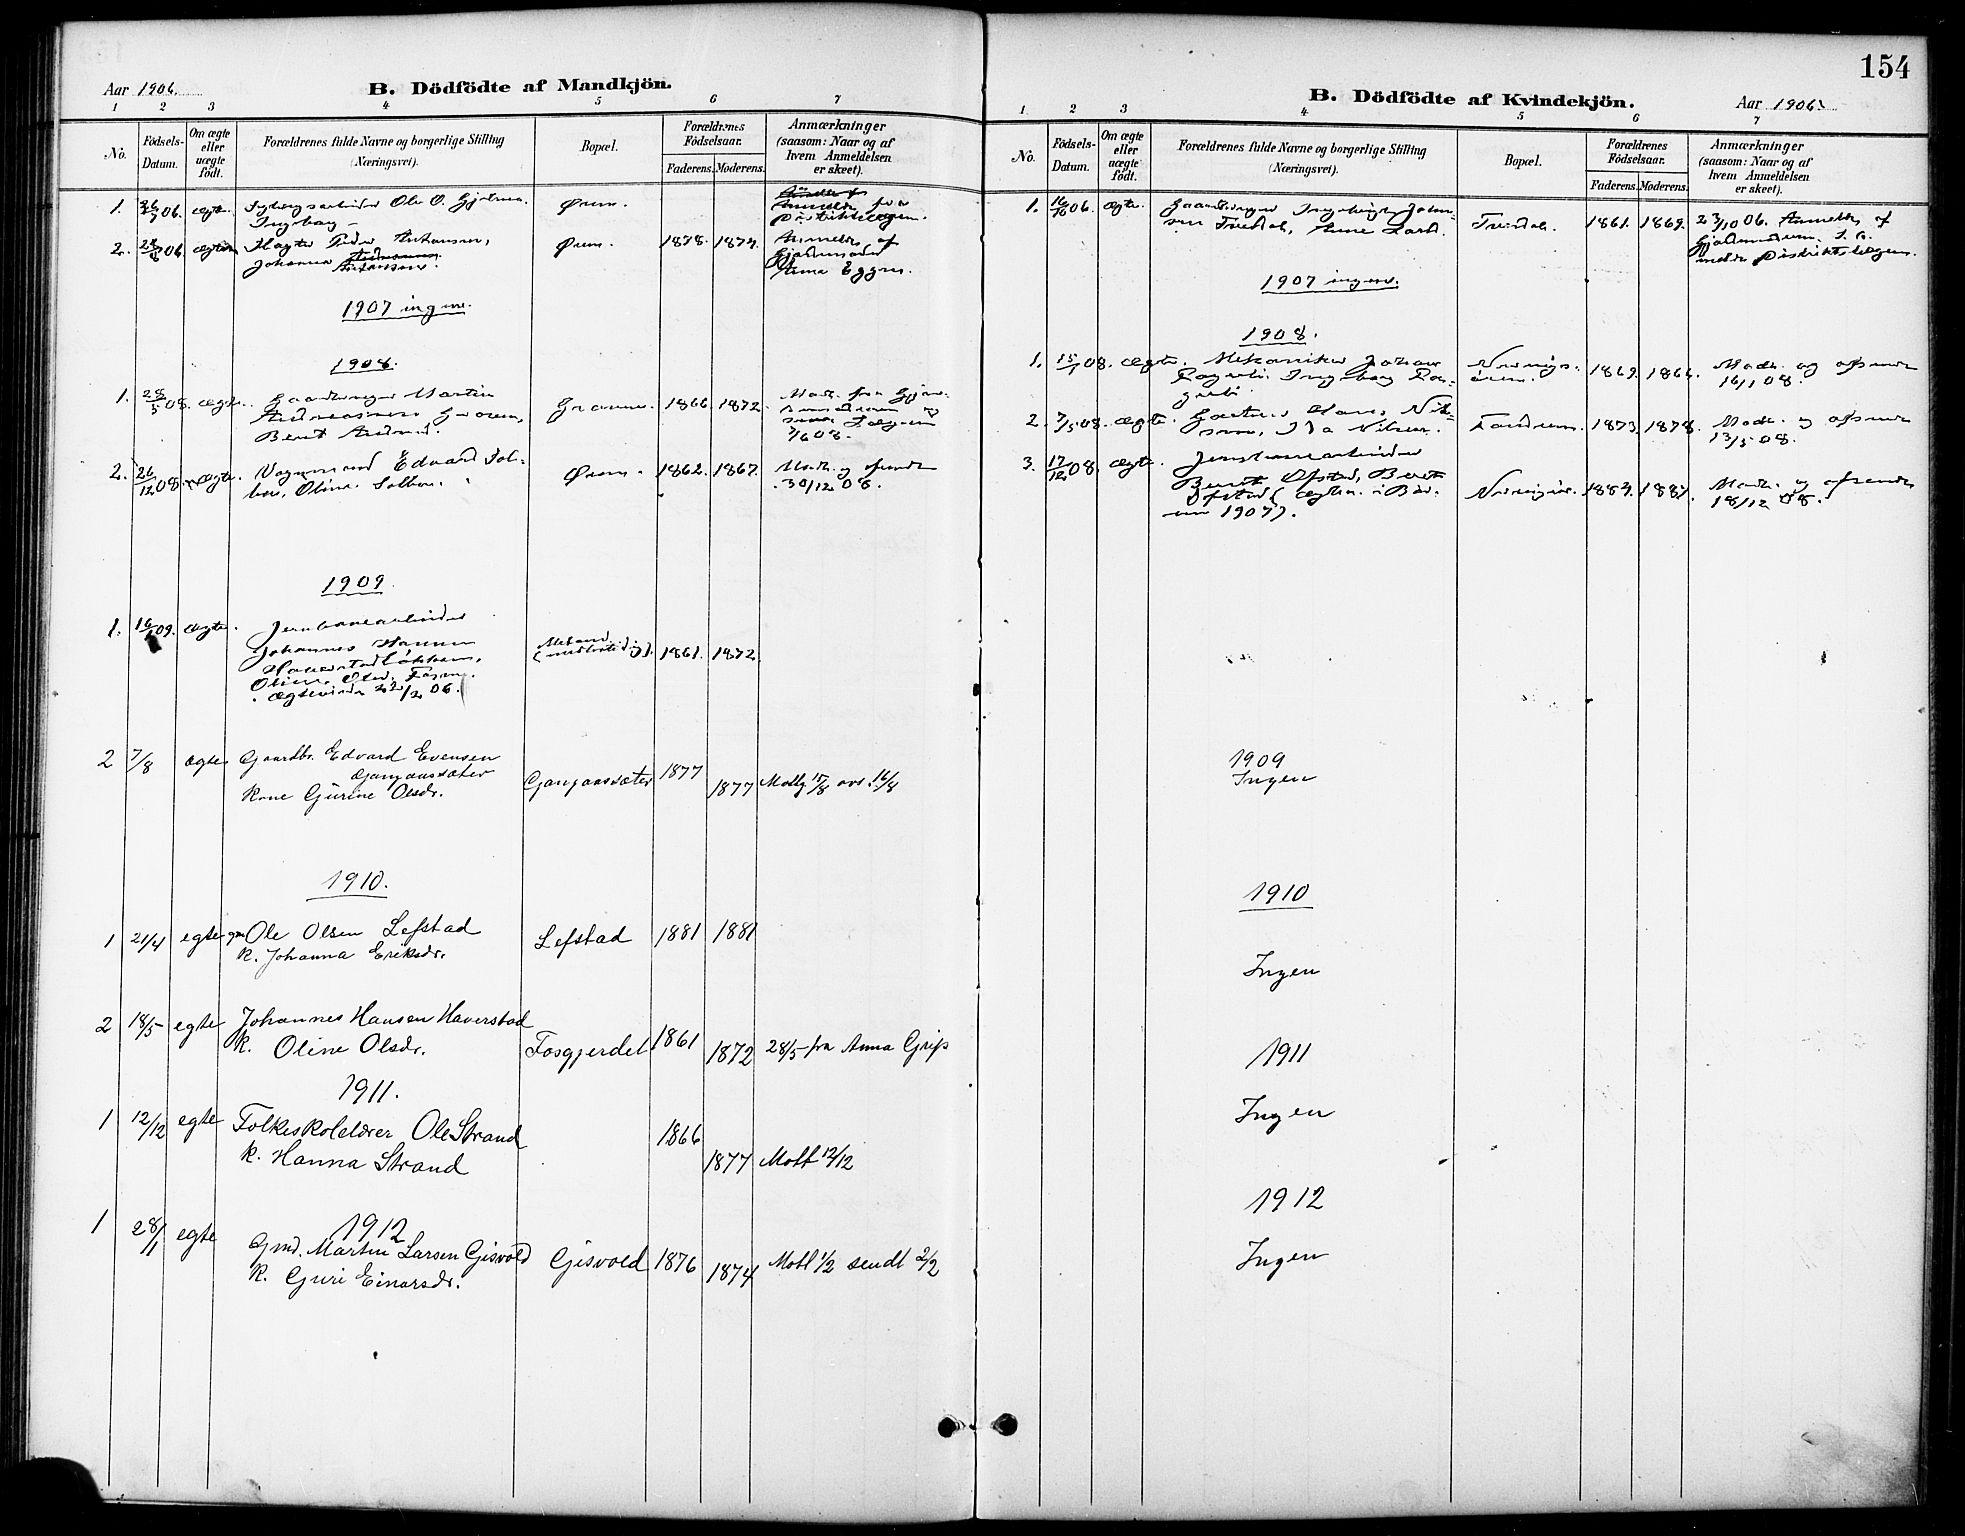 SAT, Ministerialprotokoller, klokkerbøker og fødselsregistre - Sør-Trøndelag, 668/L0819: Klokkerbok nr. 668C08, 1899-1912, s. 154